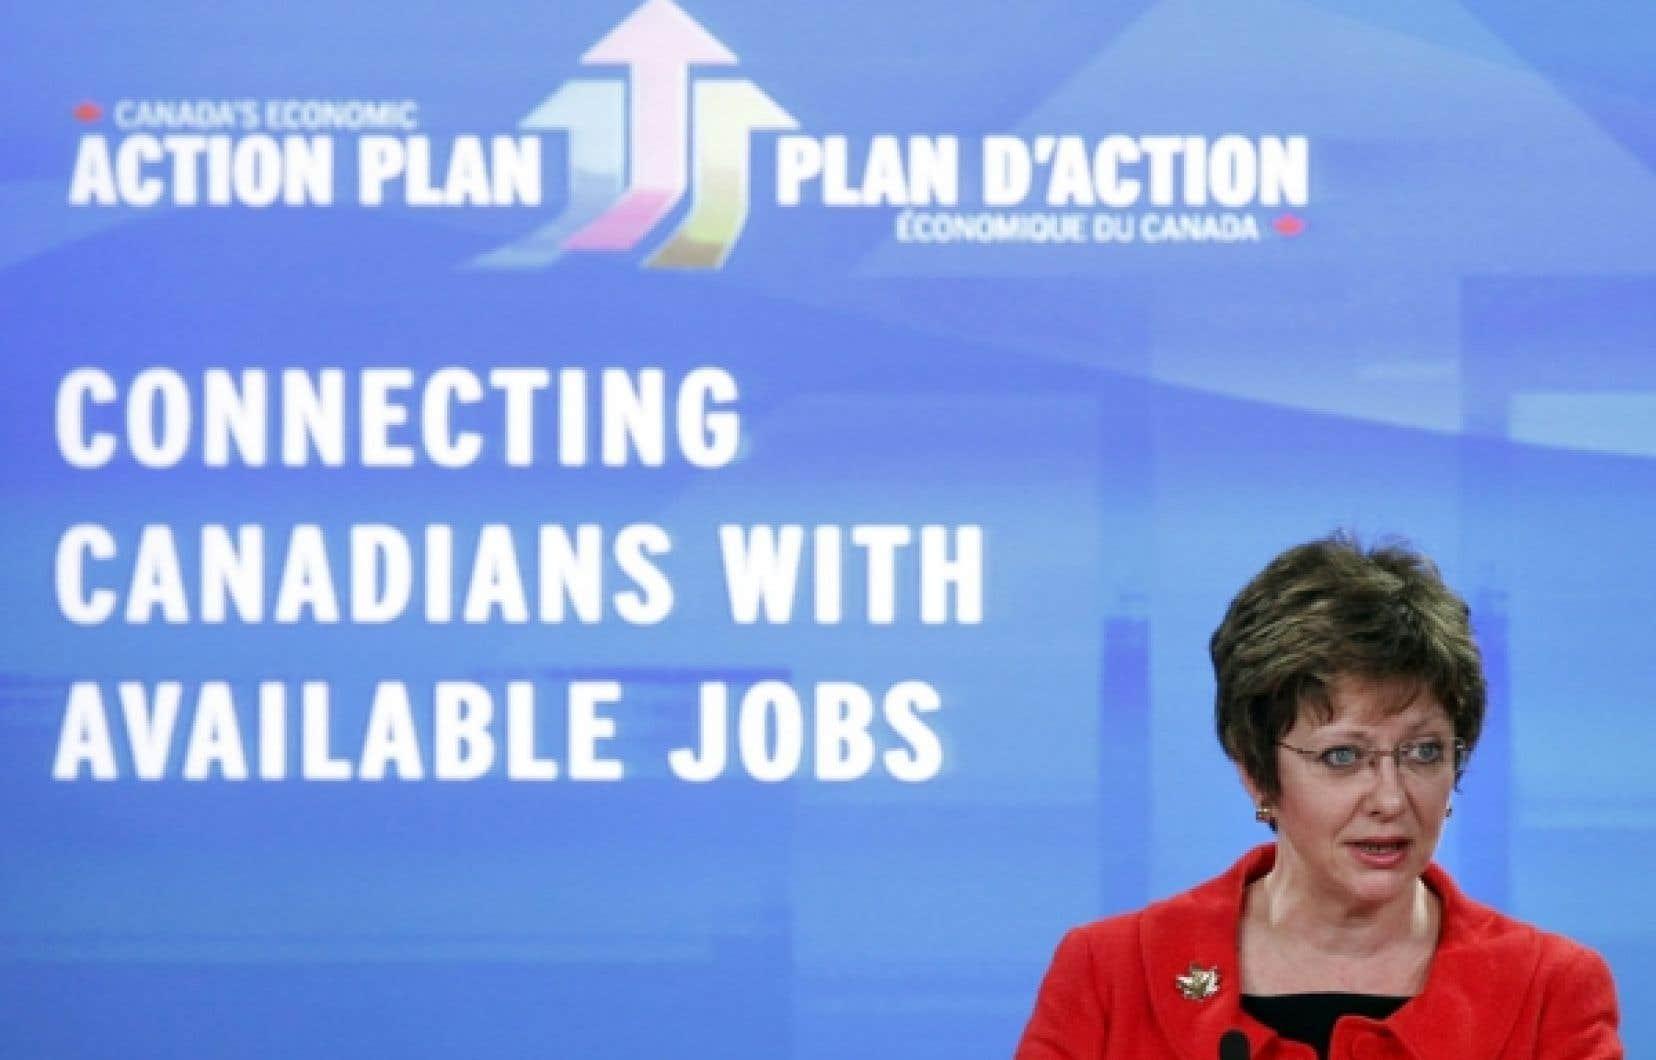 La ministre des Ressources humaines Diane Finley a annoncé jeudi des mesures qui inquiètent les provinces canadiennes.